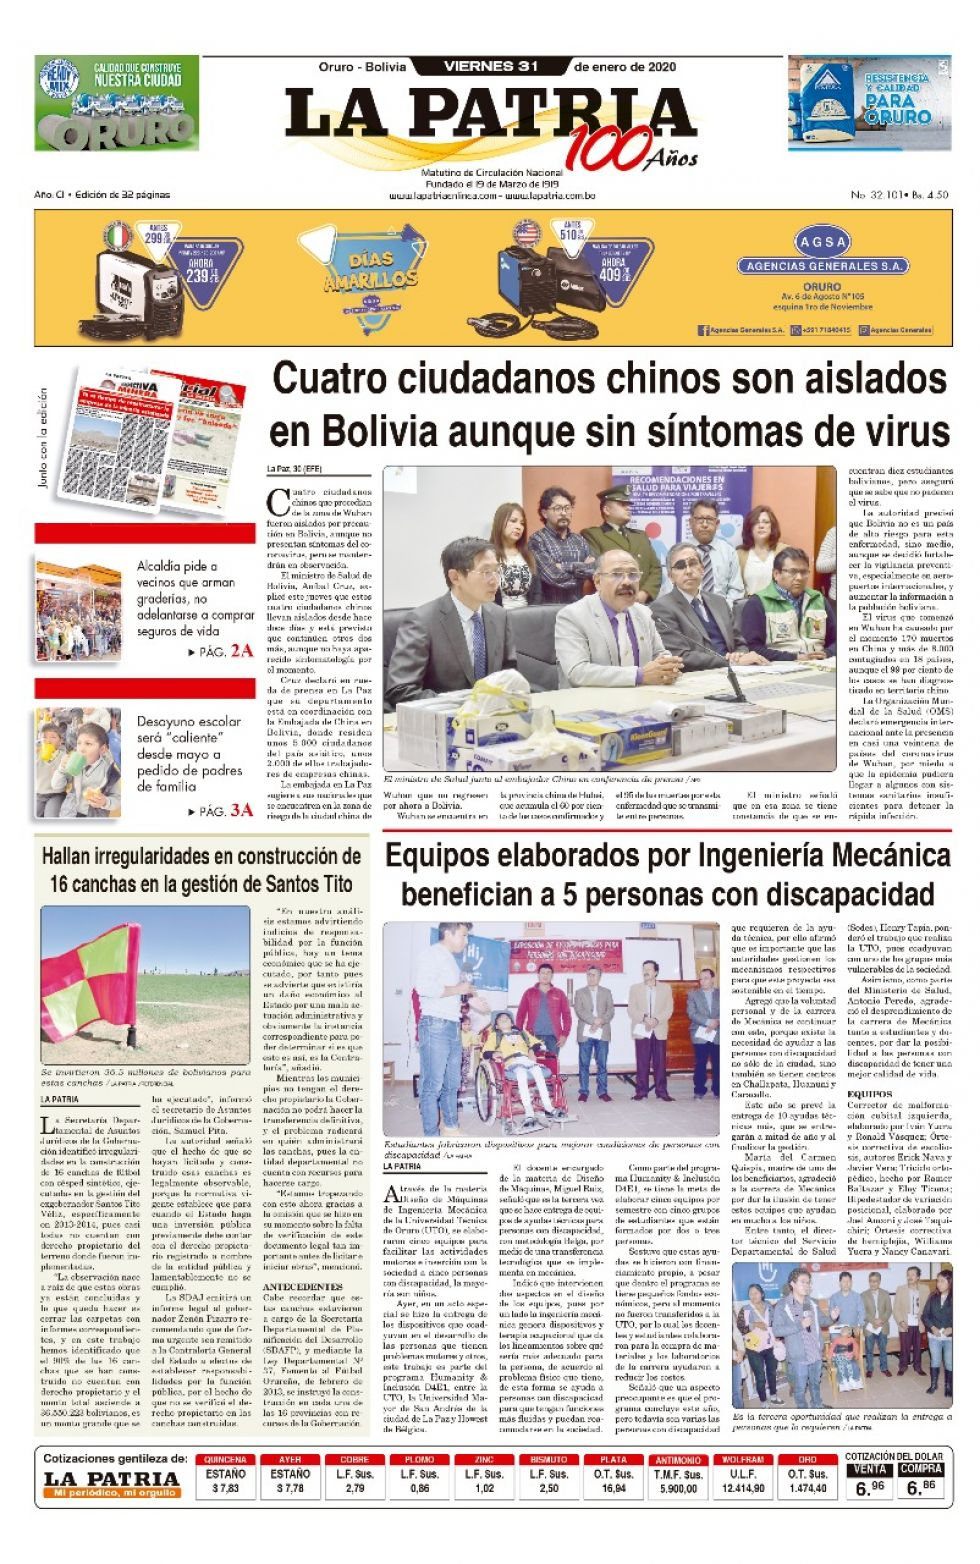 La Patria, Oruro.